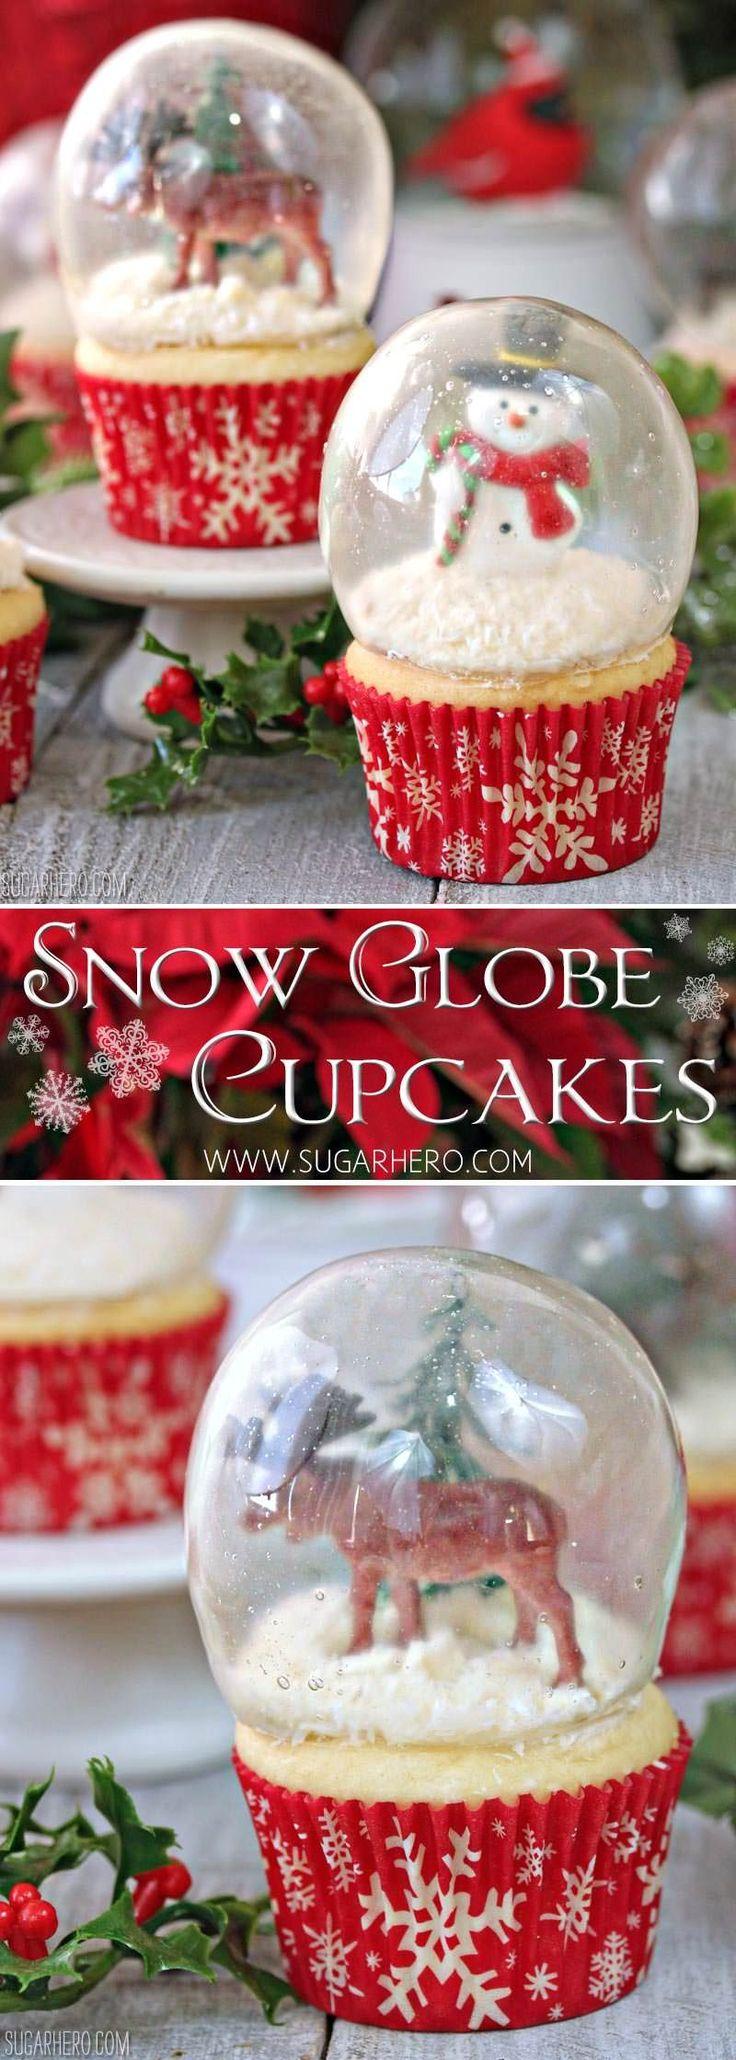 Globo de la nieve de las magdalenas - los bizcochos de Navidad MEJORES!  Hecho con burbujas de gelatina, por lo que toda la magdalena es comestible!  |  De SugarHero.com